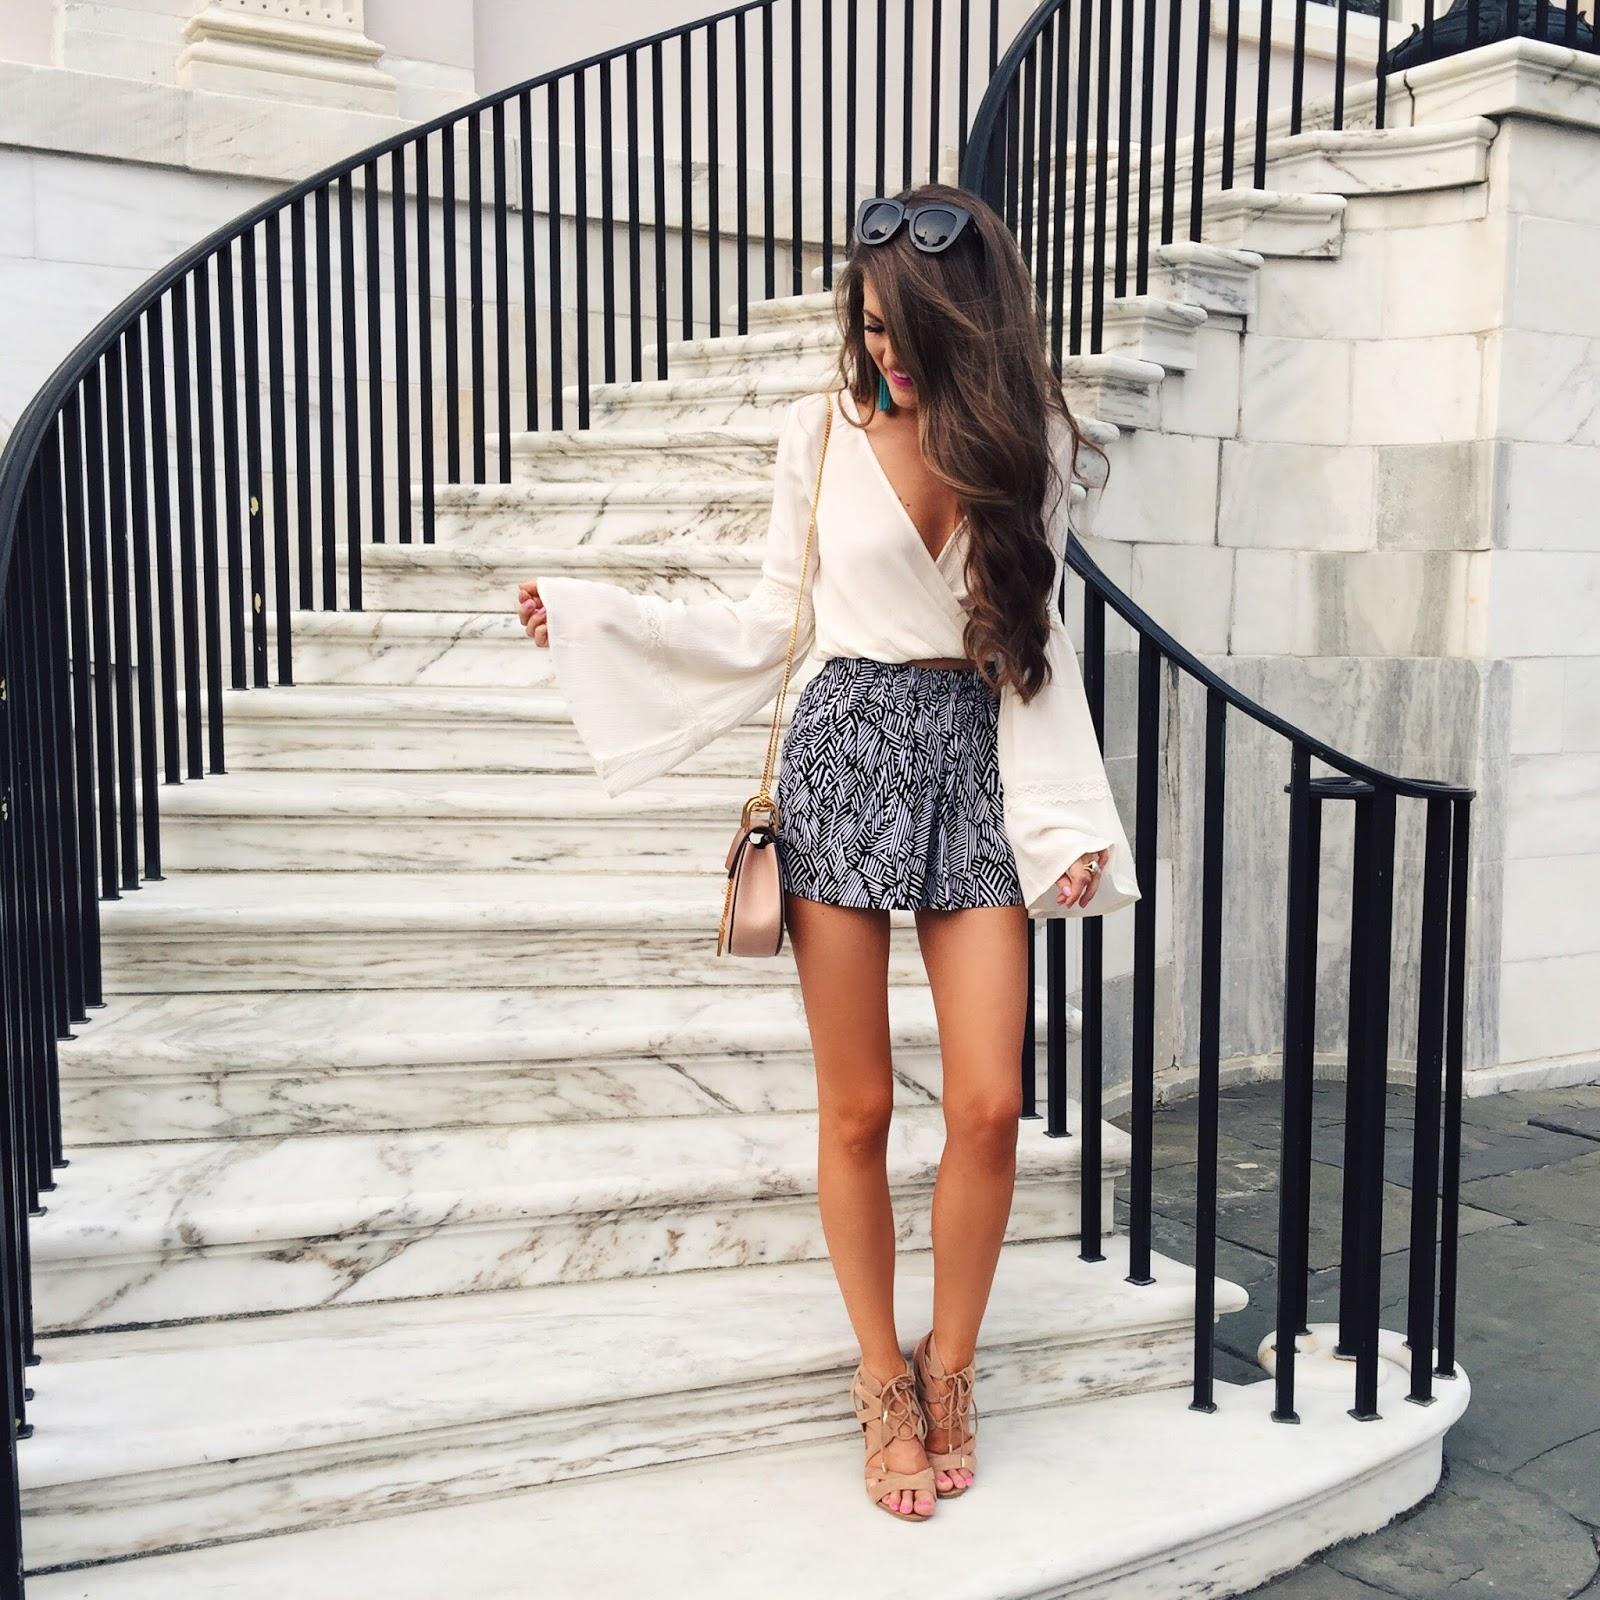 Que Zapatos Outfits 10 Favoritos Para Nude Tus Vuelvan Se N0nmvO8w